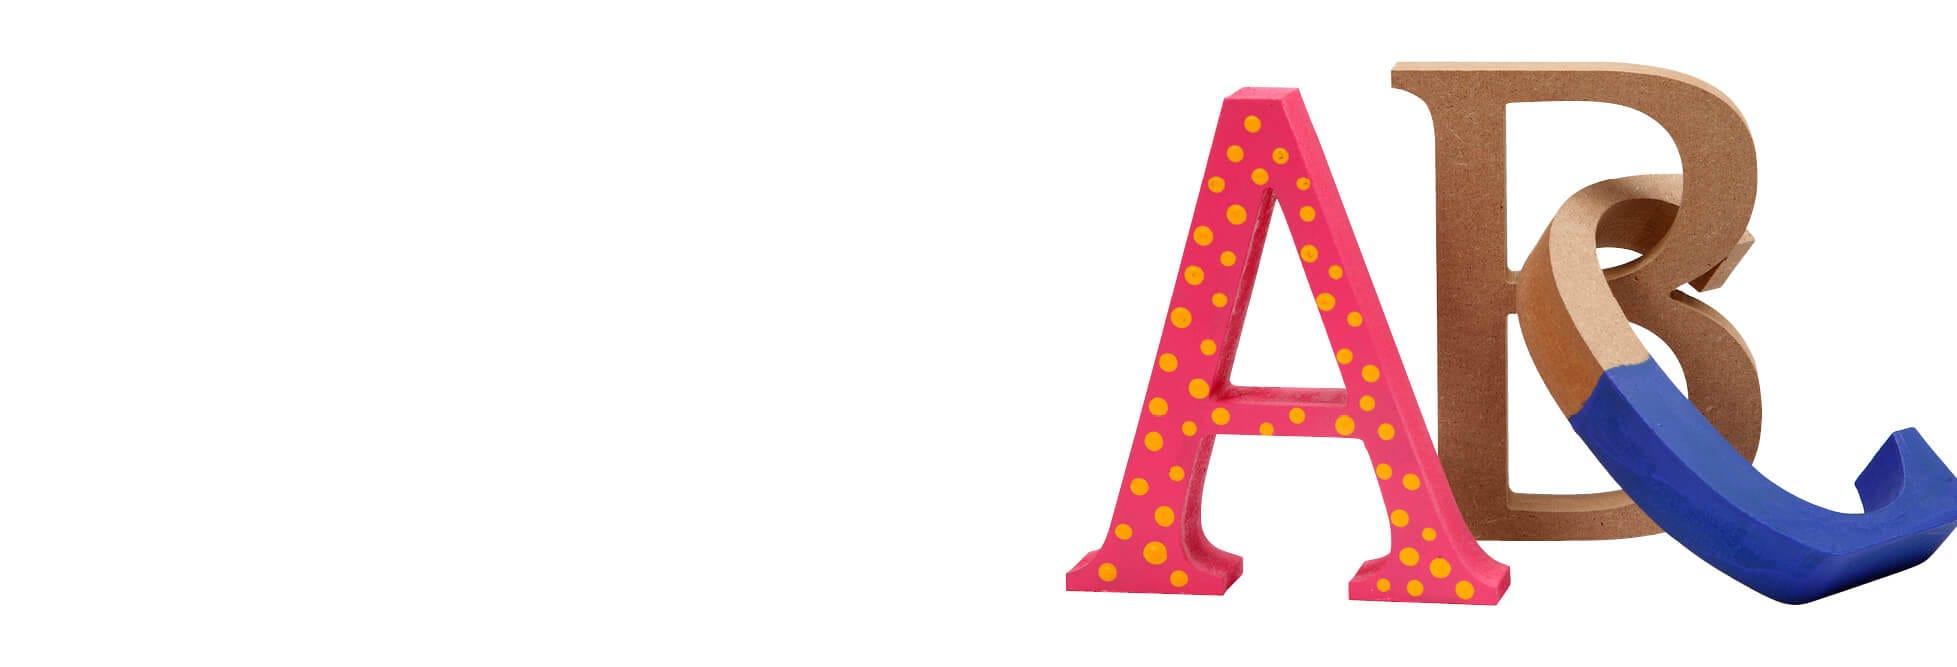 Letras, números y palabras